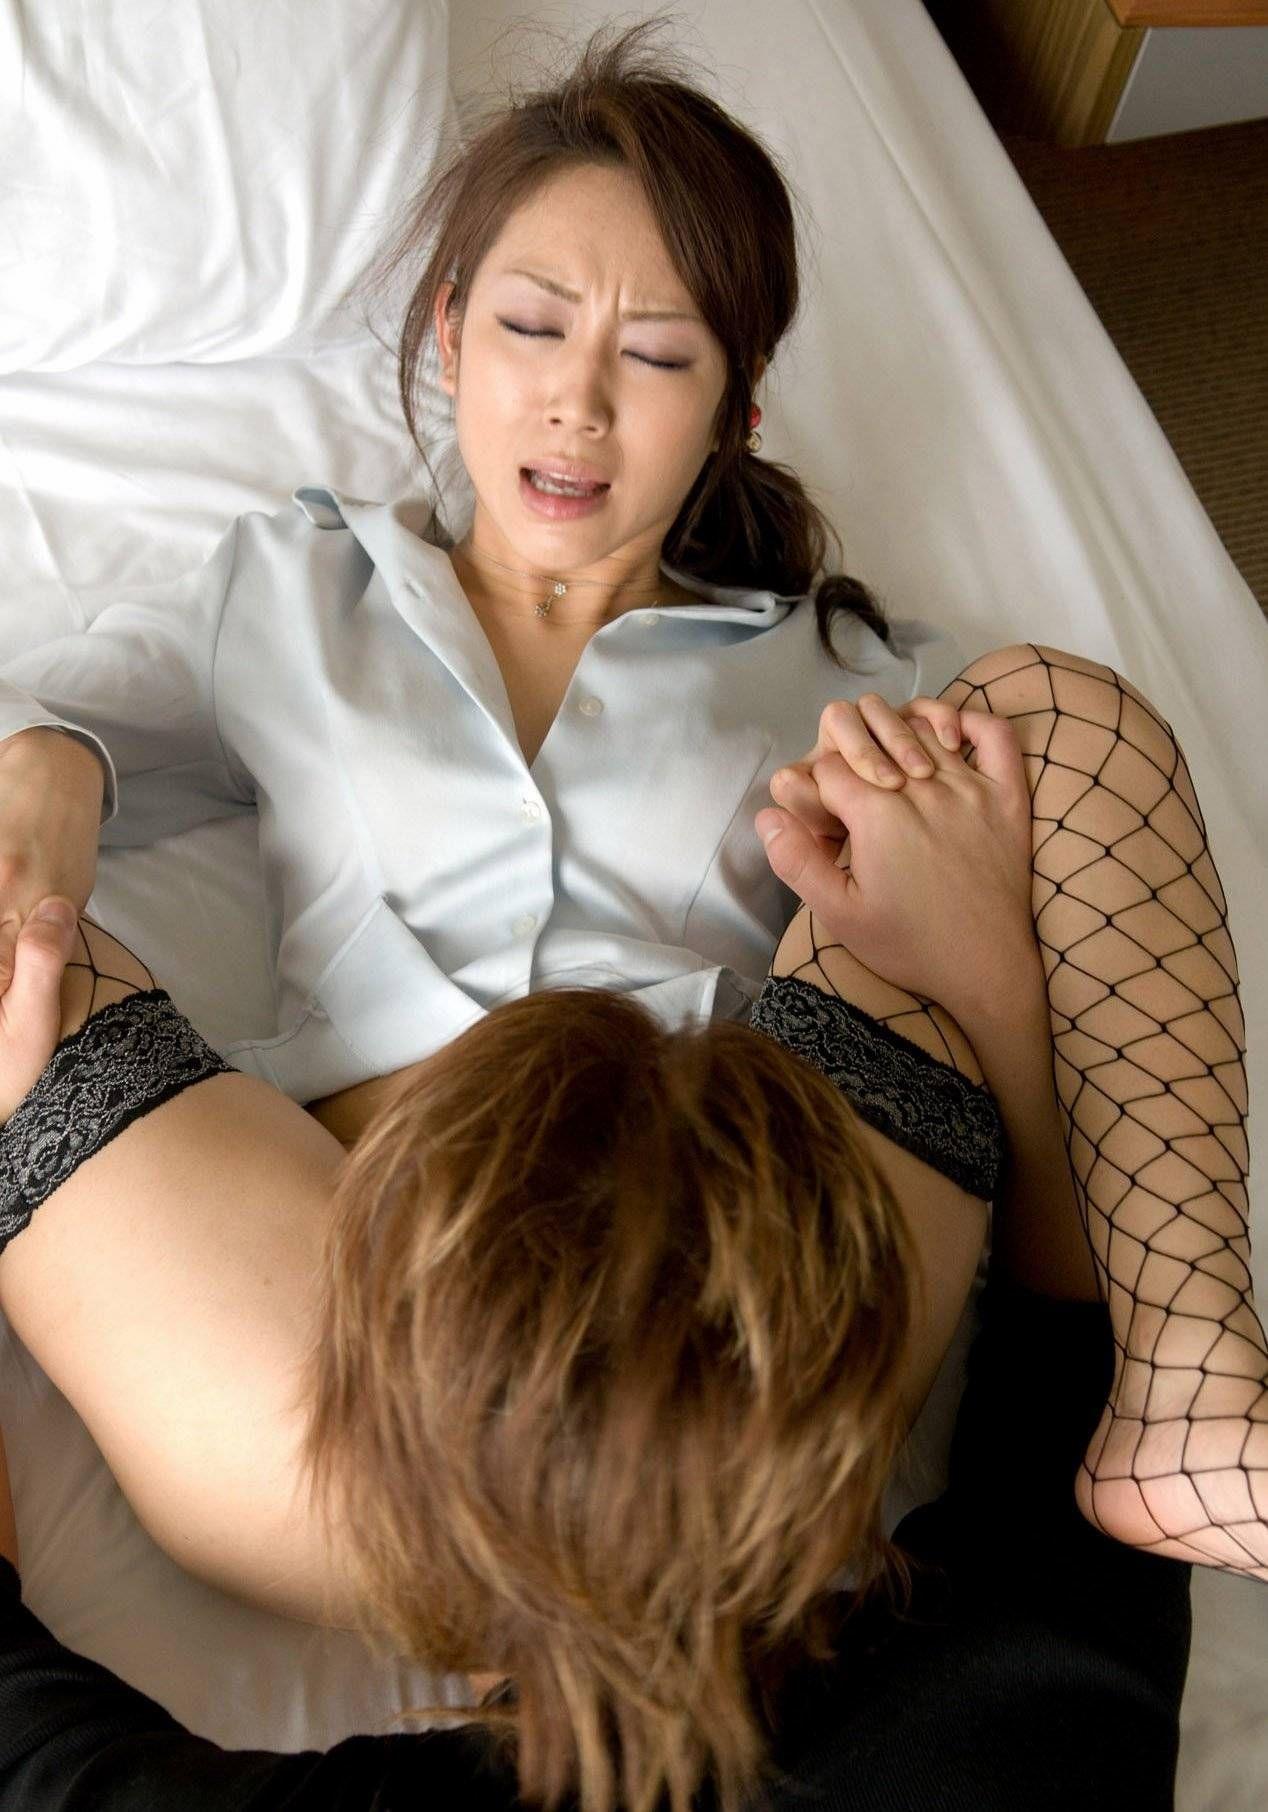 【クンニエロ画像】男がフェラされたいように女はクンニされたいはず!